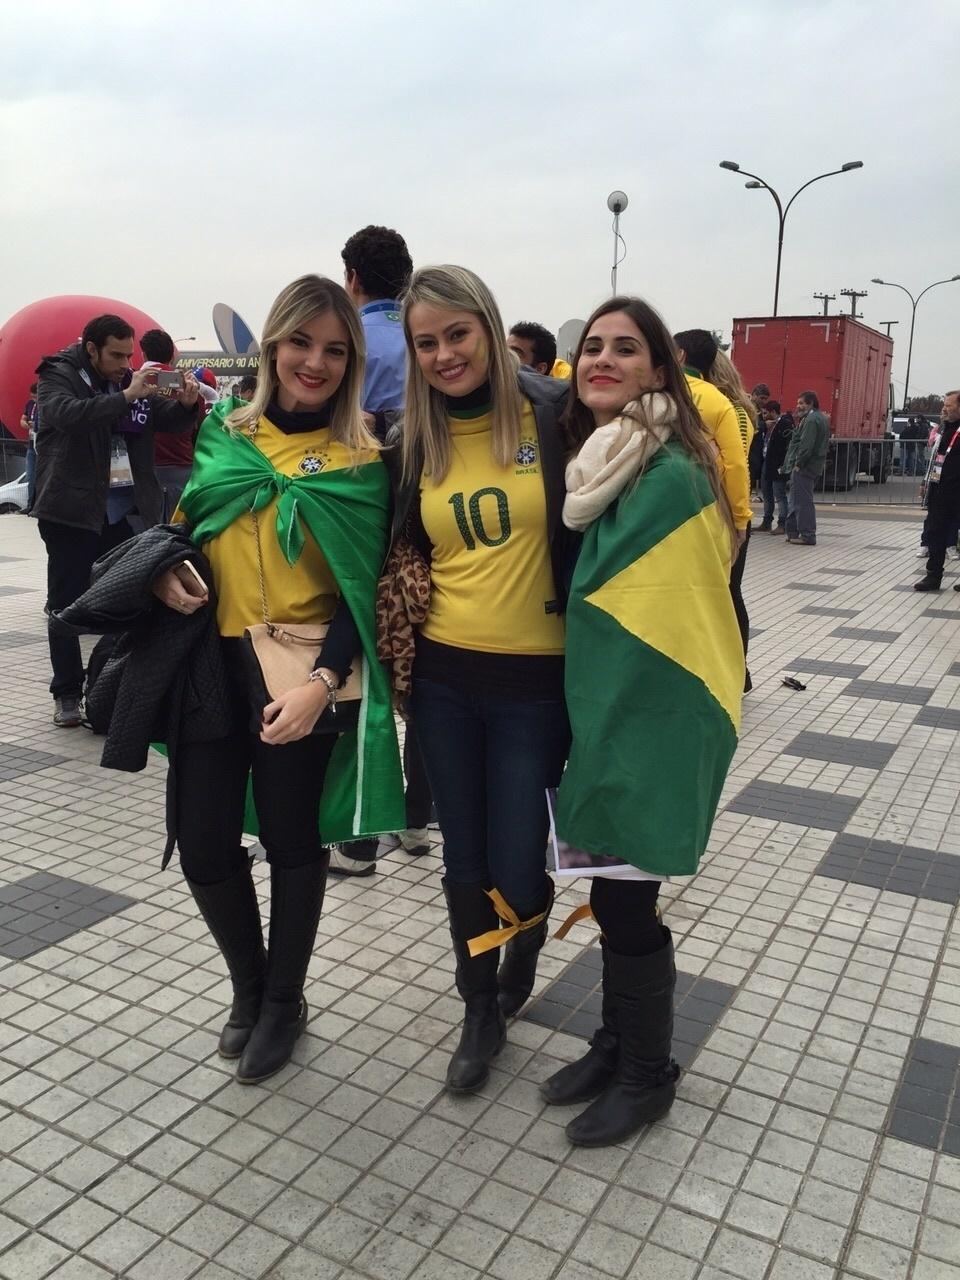 Mulheres marcam presença antes do jogo do Brasil contra a Venezuela pela Copa América